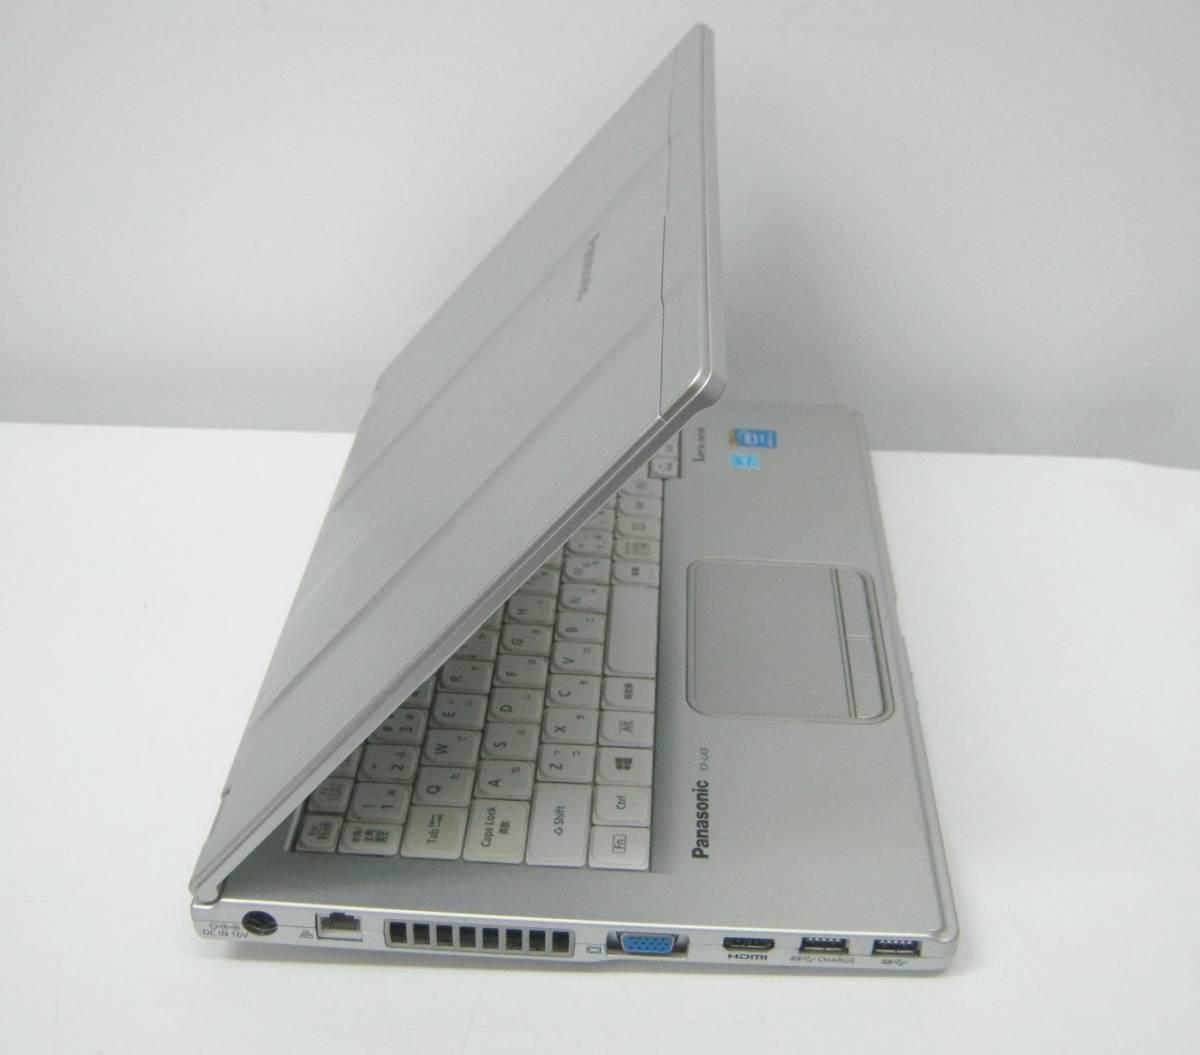 994 ストレージ欠品等ジャンク CF-LX3ED8CS i5-4300U 1.9GHz 4GB 簡易確認 部品取りにも_画像5